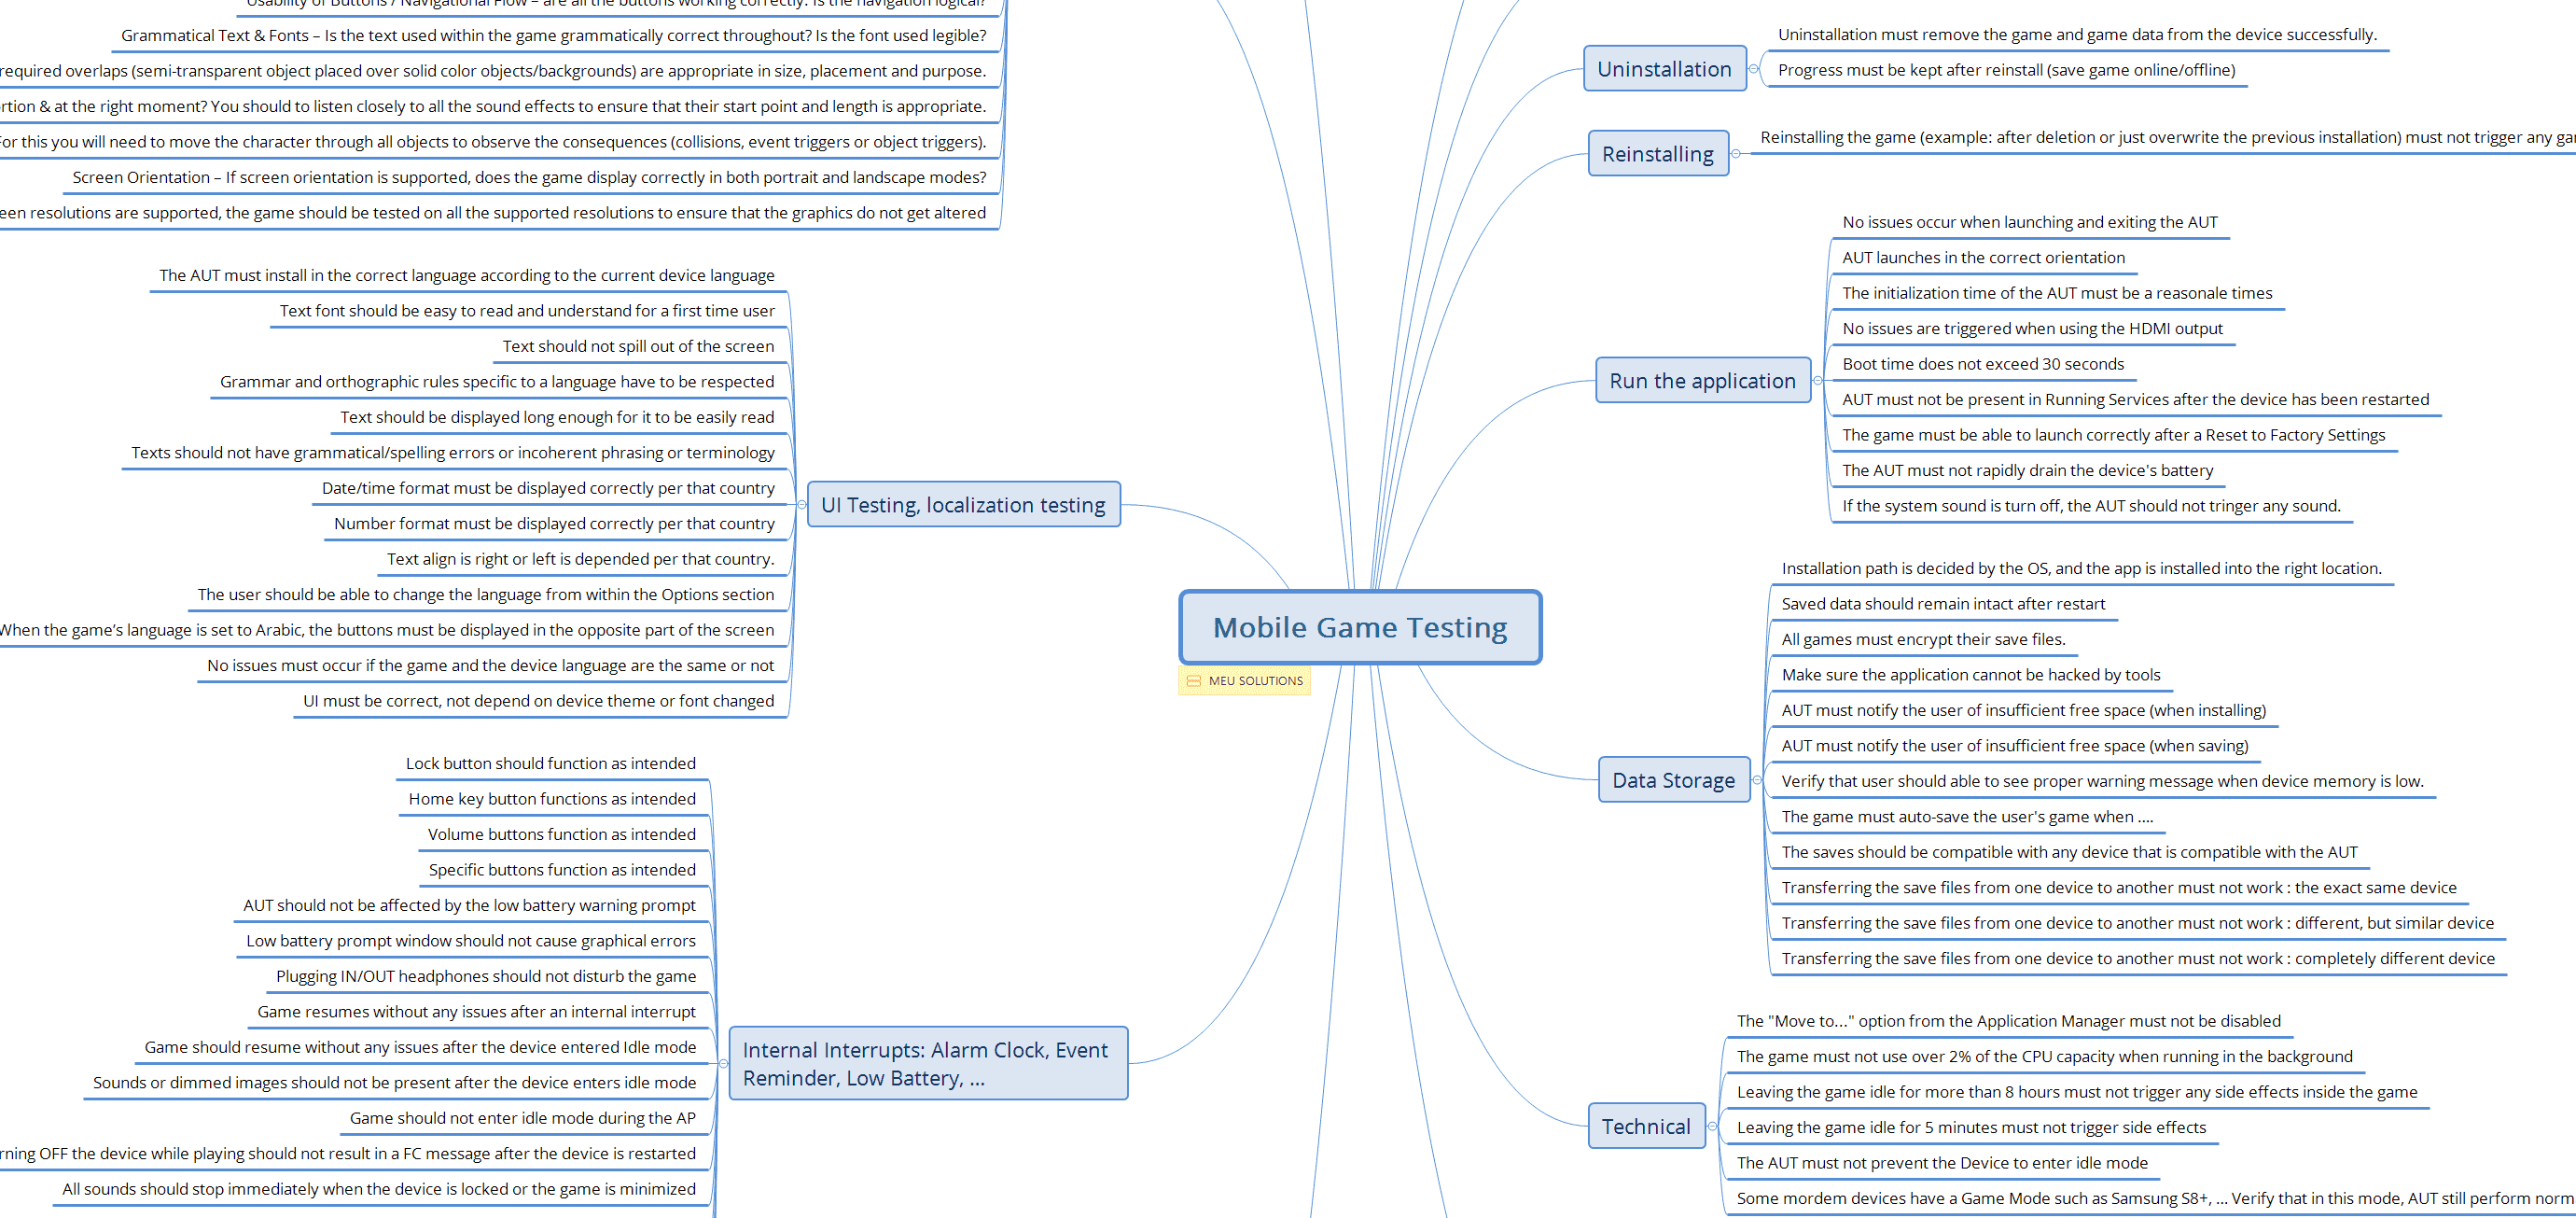 mobile game checklist